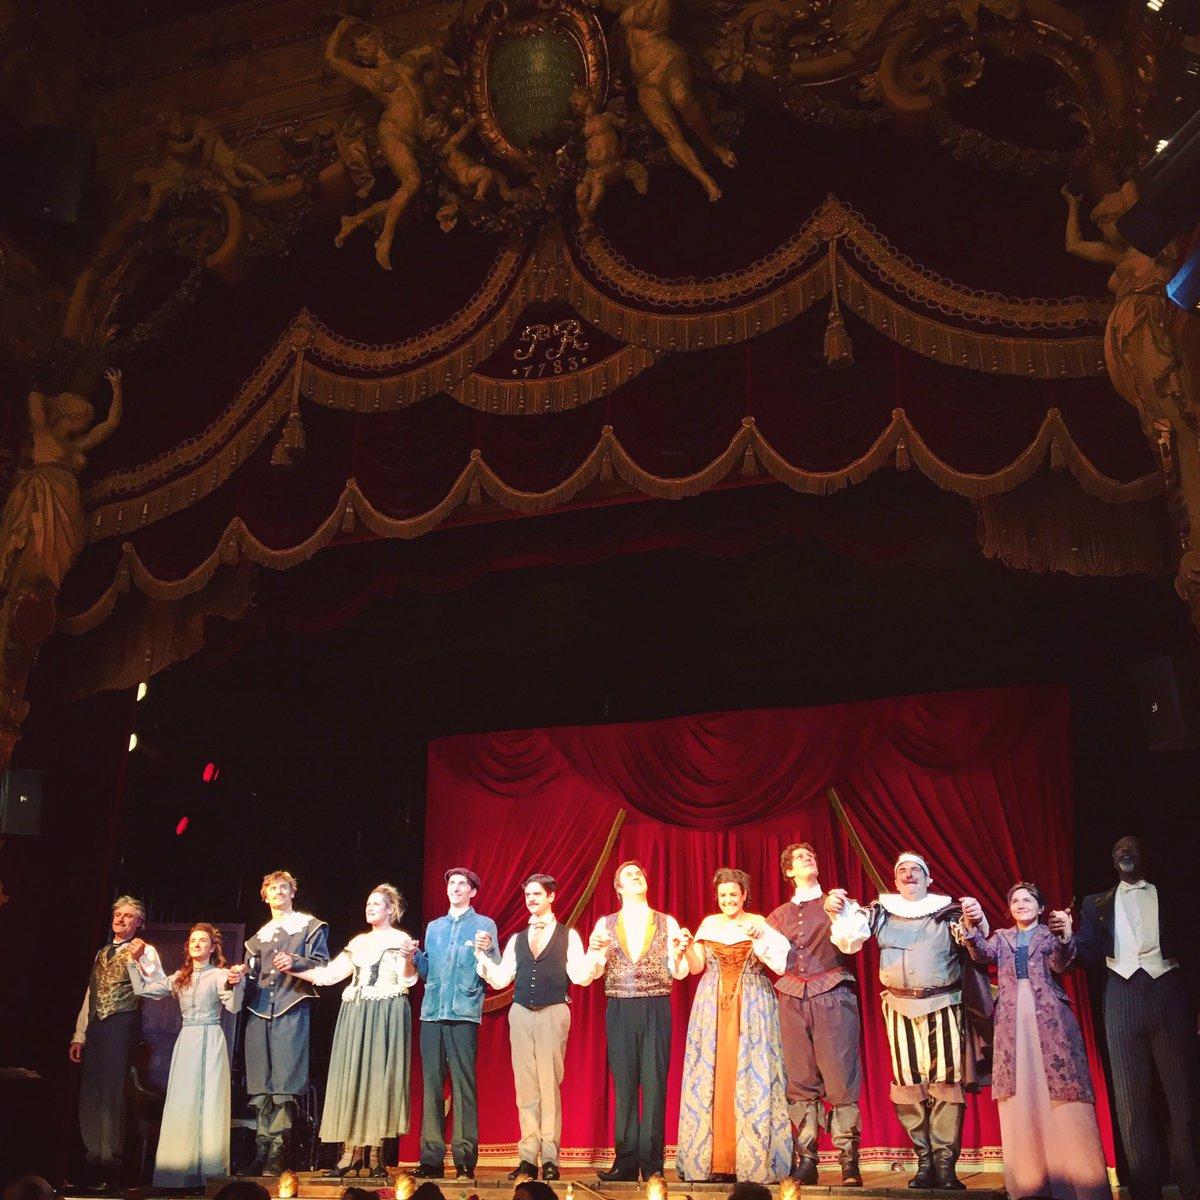 .@mistermichalik rend un bel hommage à Rostand mais aussi au théâtre, plus largement. Drôle &amp; brillant #Edmond #masterpiece @ThPalaisRoyal<br>http://pic.twitter.com/92gKOFT4zf